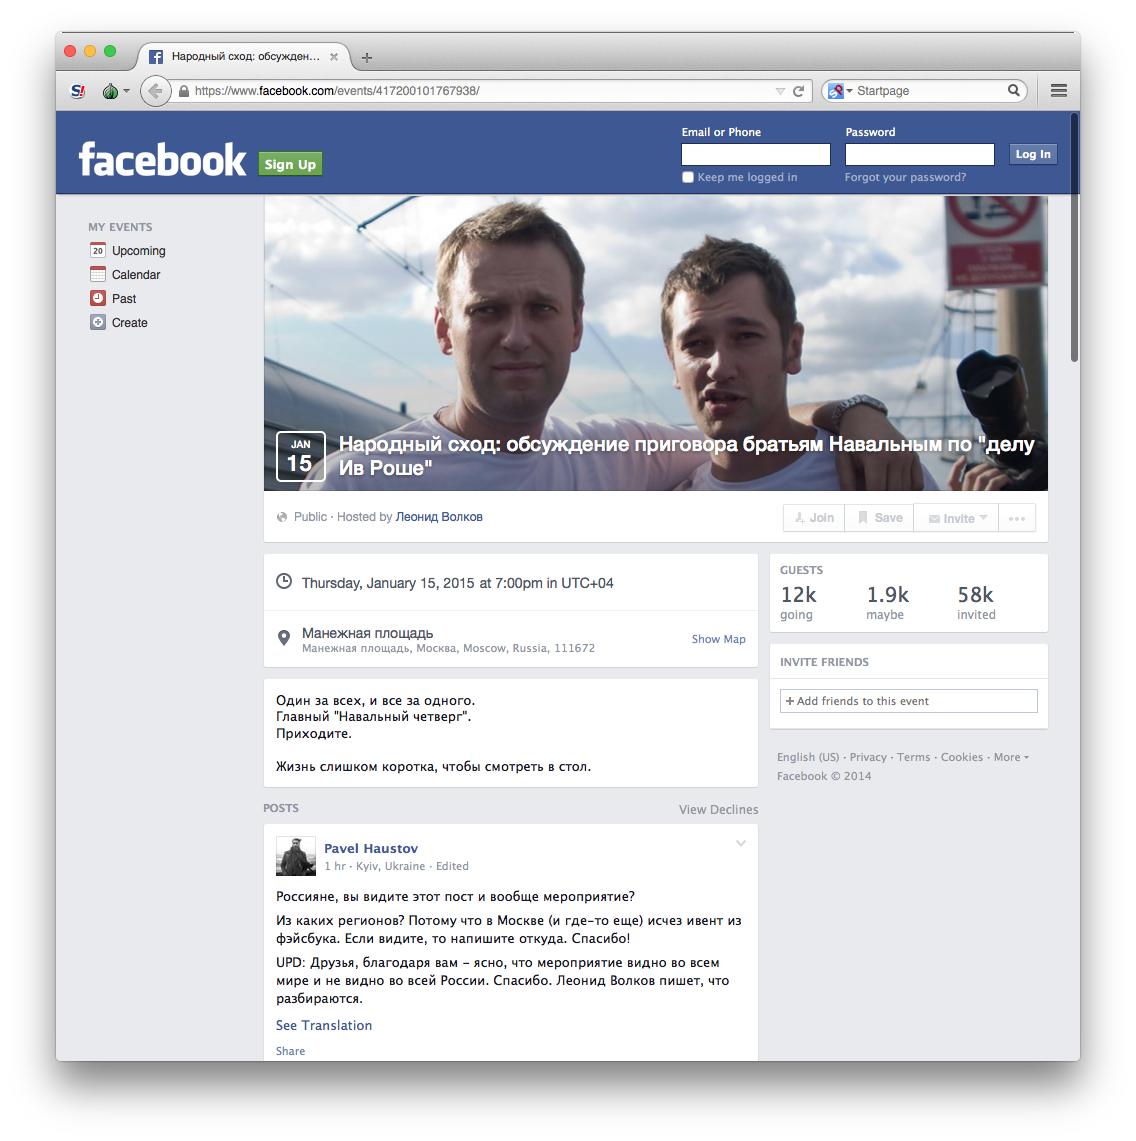 Цензура в Facebook и Вконтакте для российских пользователей - 2